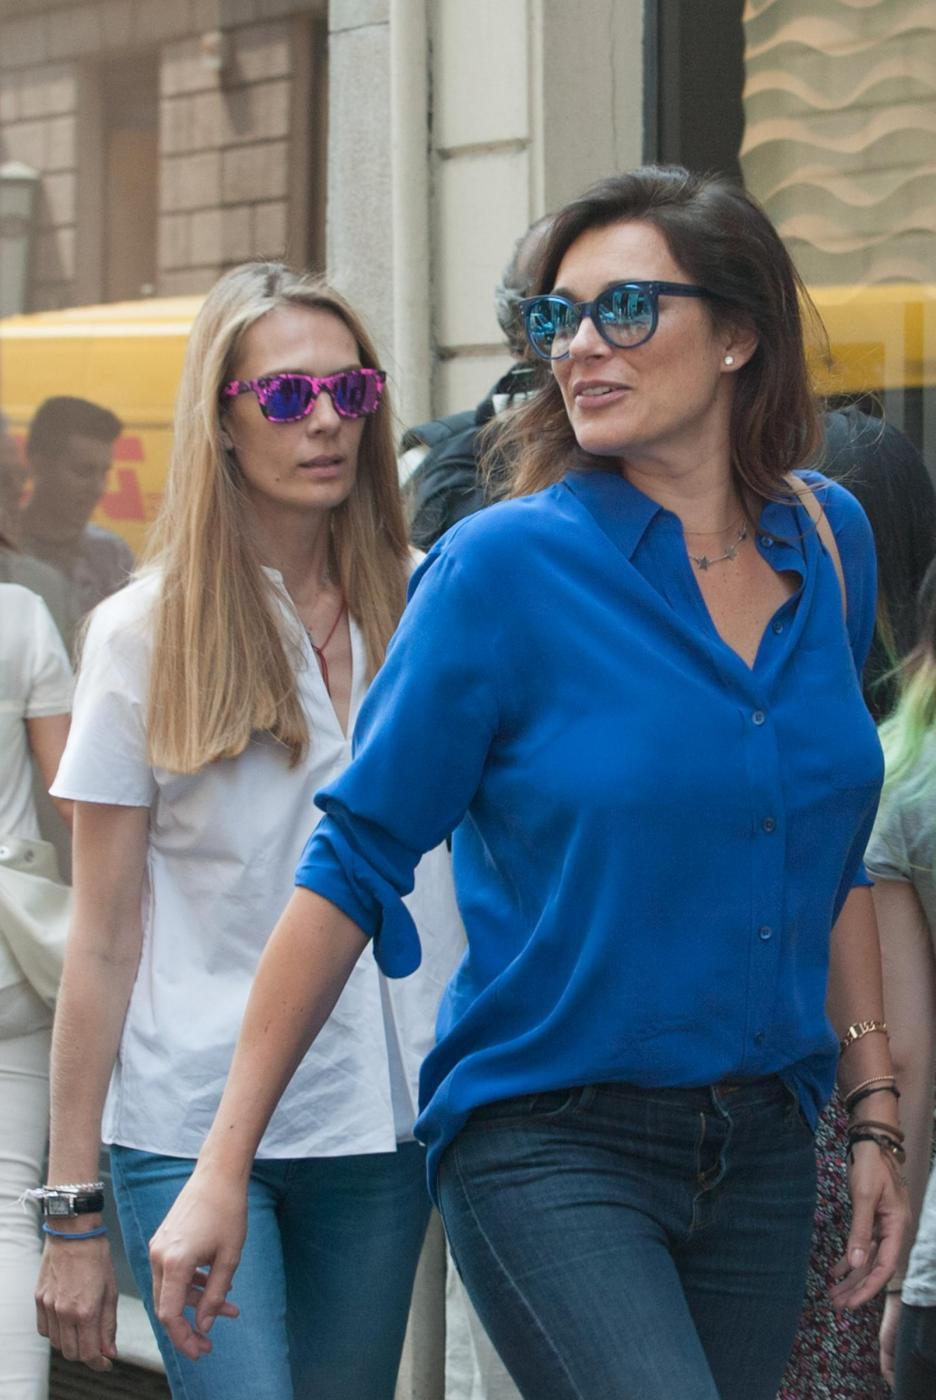 Alena Seredova e Lavinia Borromeo fanno shopping a Milano FOTO